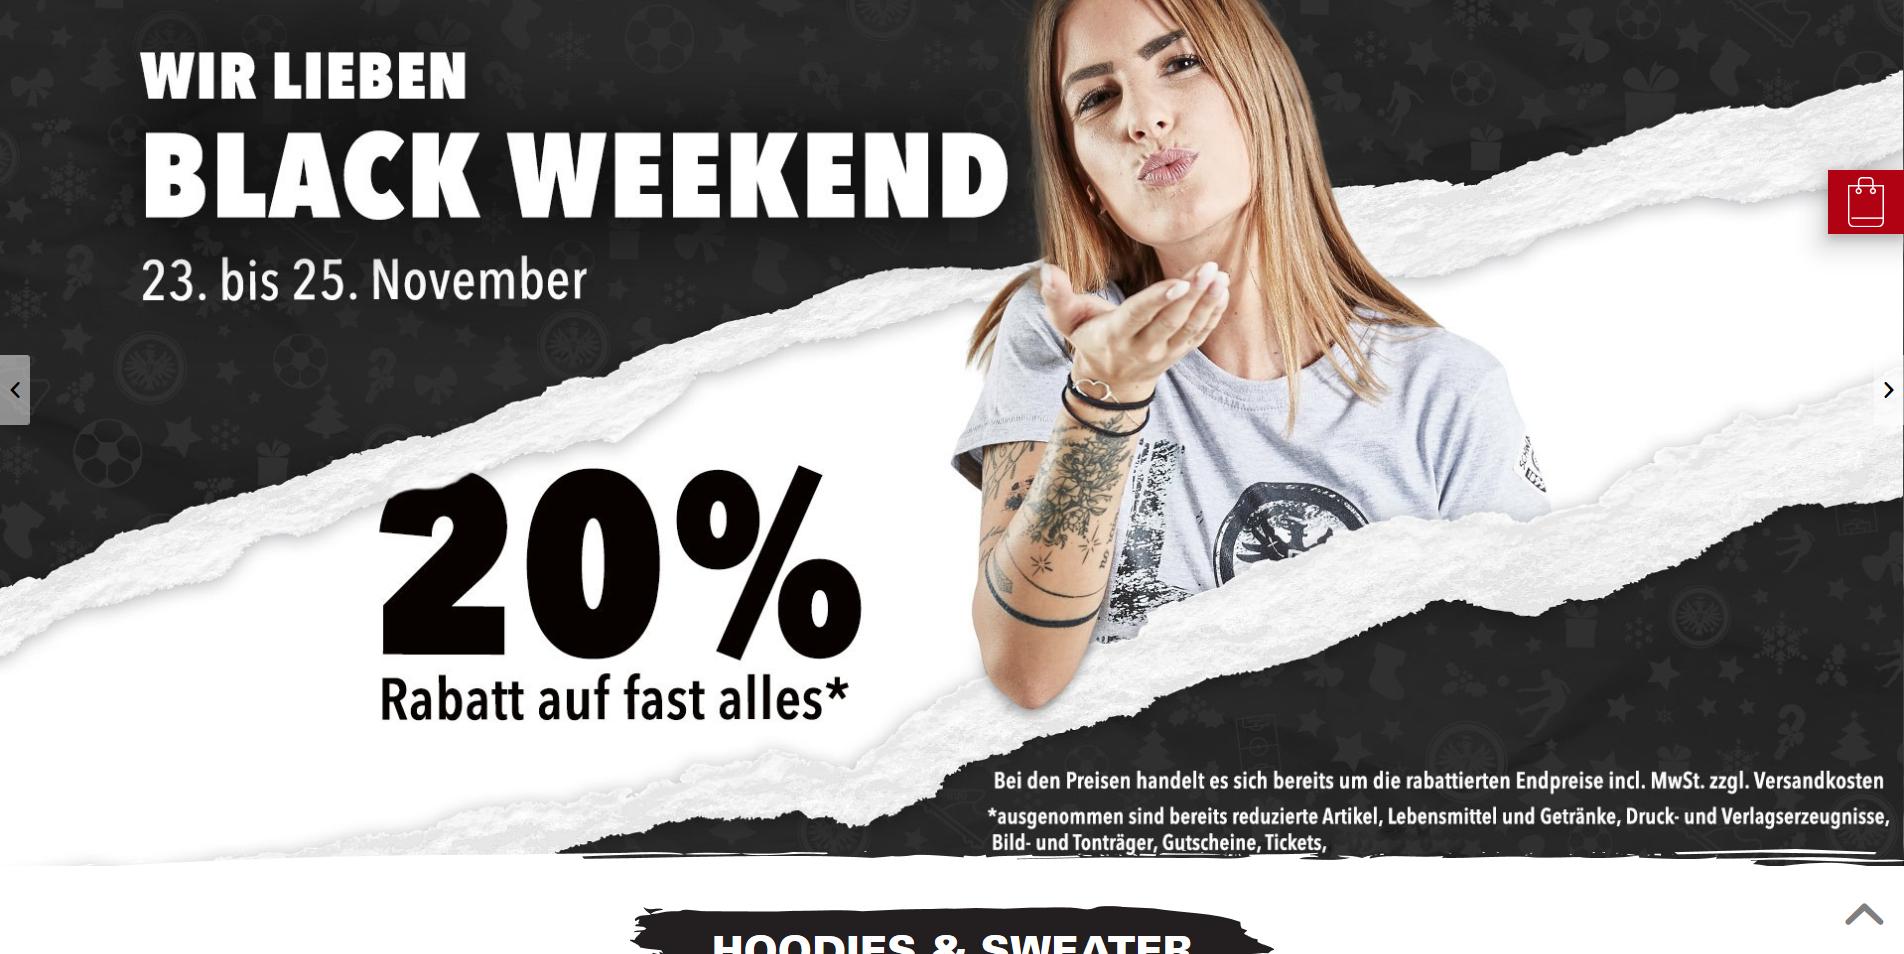 Eintracht Frankfurt Black Weekend 20% Rabatt auf fast alles 23 - 25.11.2018